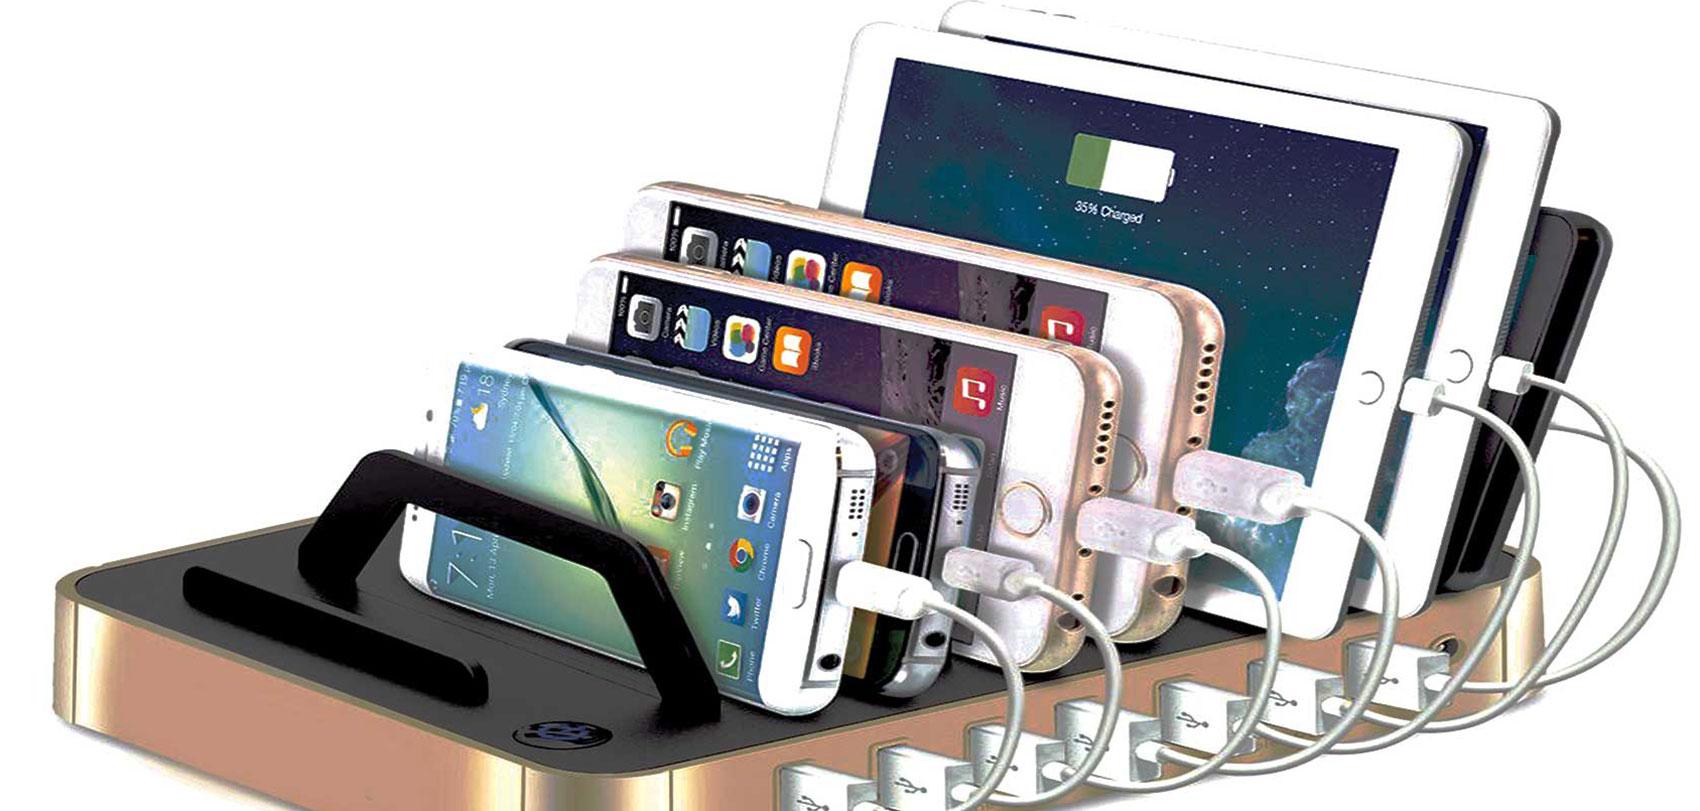 दसैंदेखि अवैध तथा चोरीका मोबाइल नचल्ने